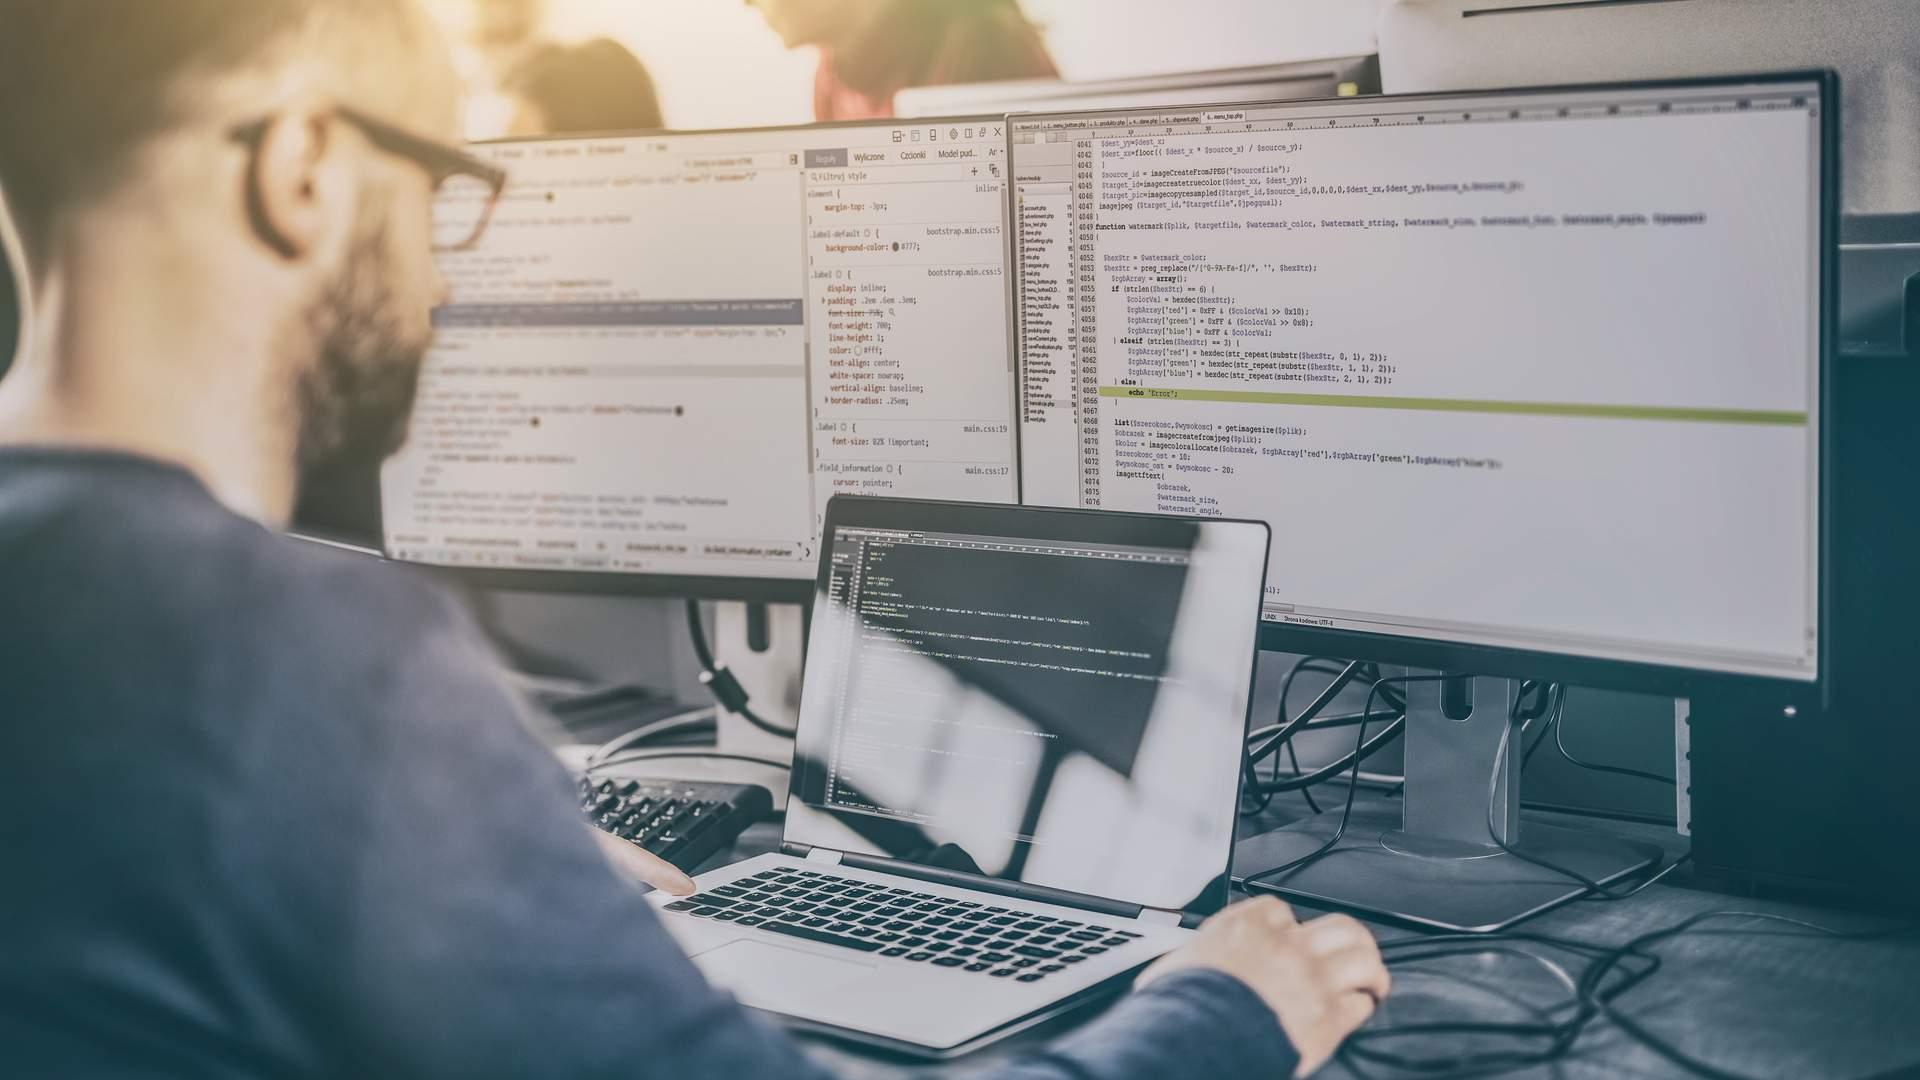 Horas de trabalho prejudicam a vista, então telas antirreflexivas também são importantes em um notebook para programar (Fonte: Shutterstock/REDPIXEL.PL)